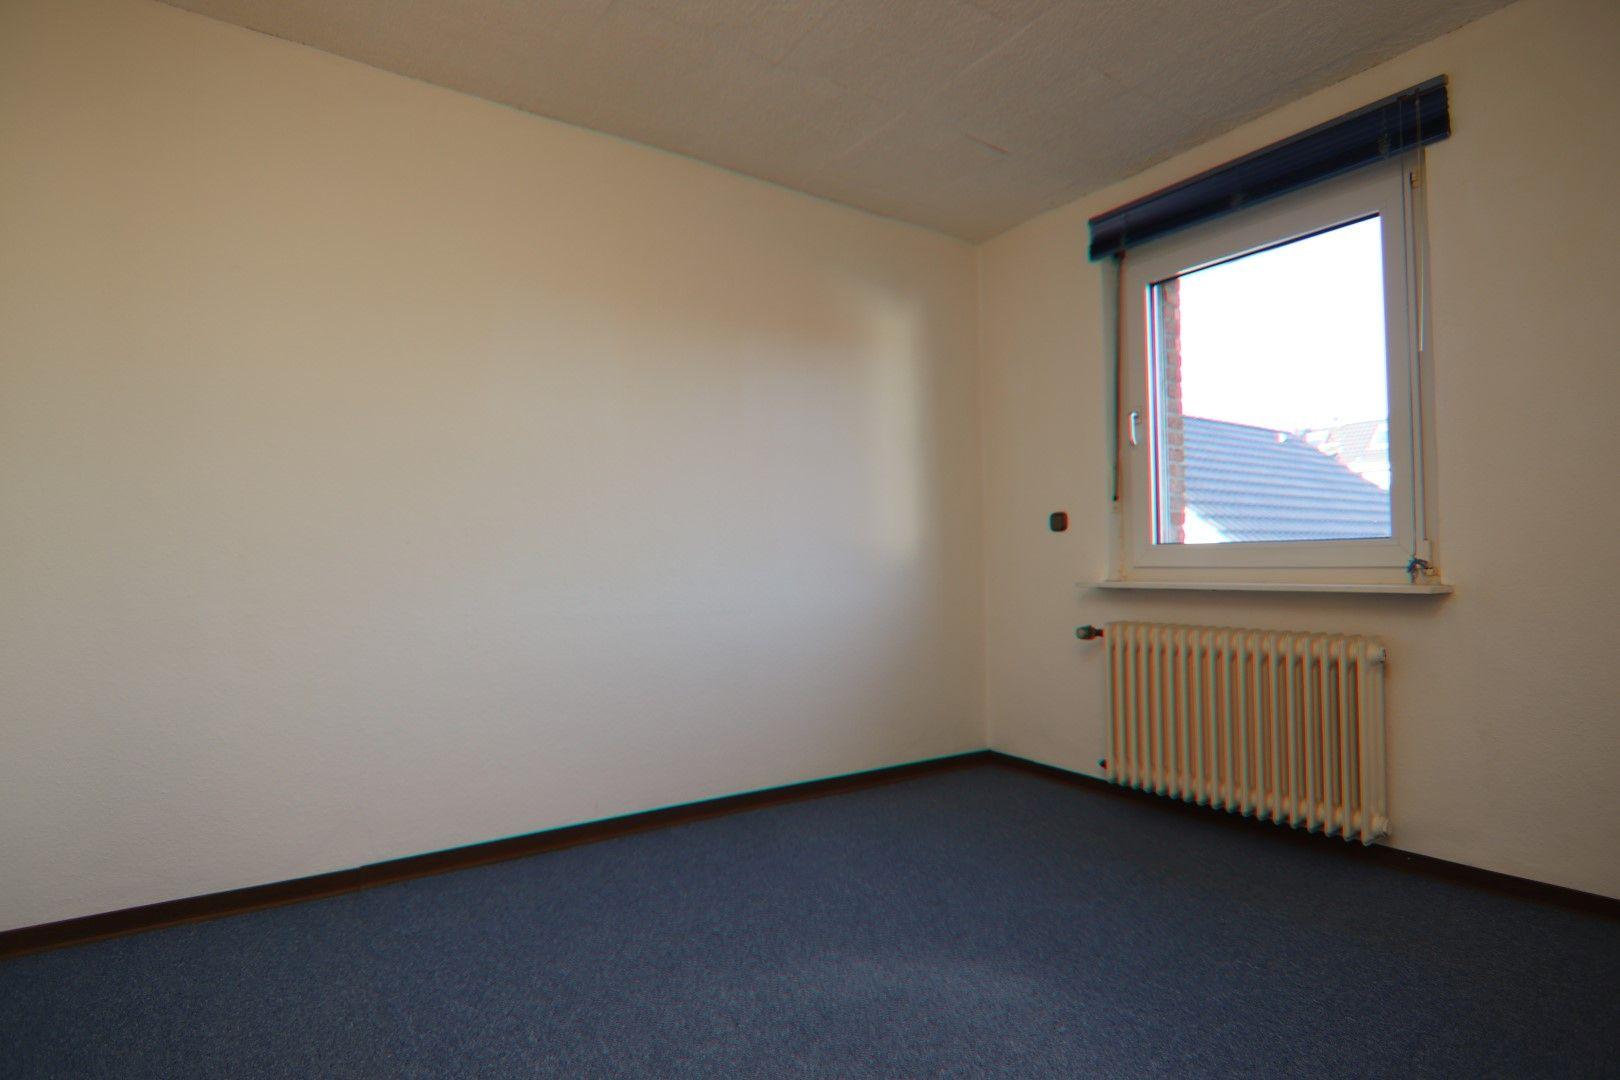 Immobilie Nr.0287 - Doppelhaushälfte mit Garten & Terrasse & Garage - Bild 11.jpg